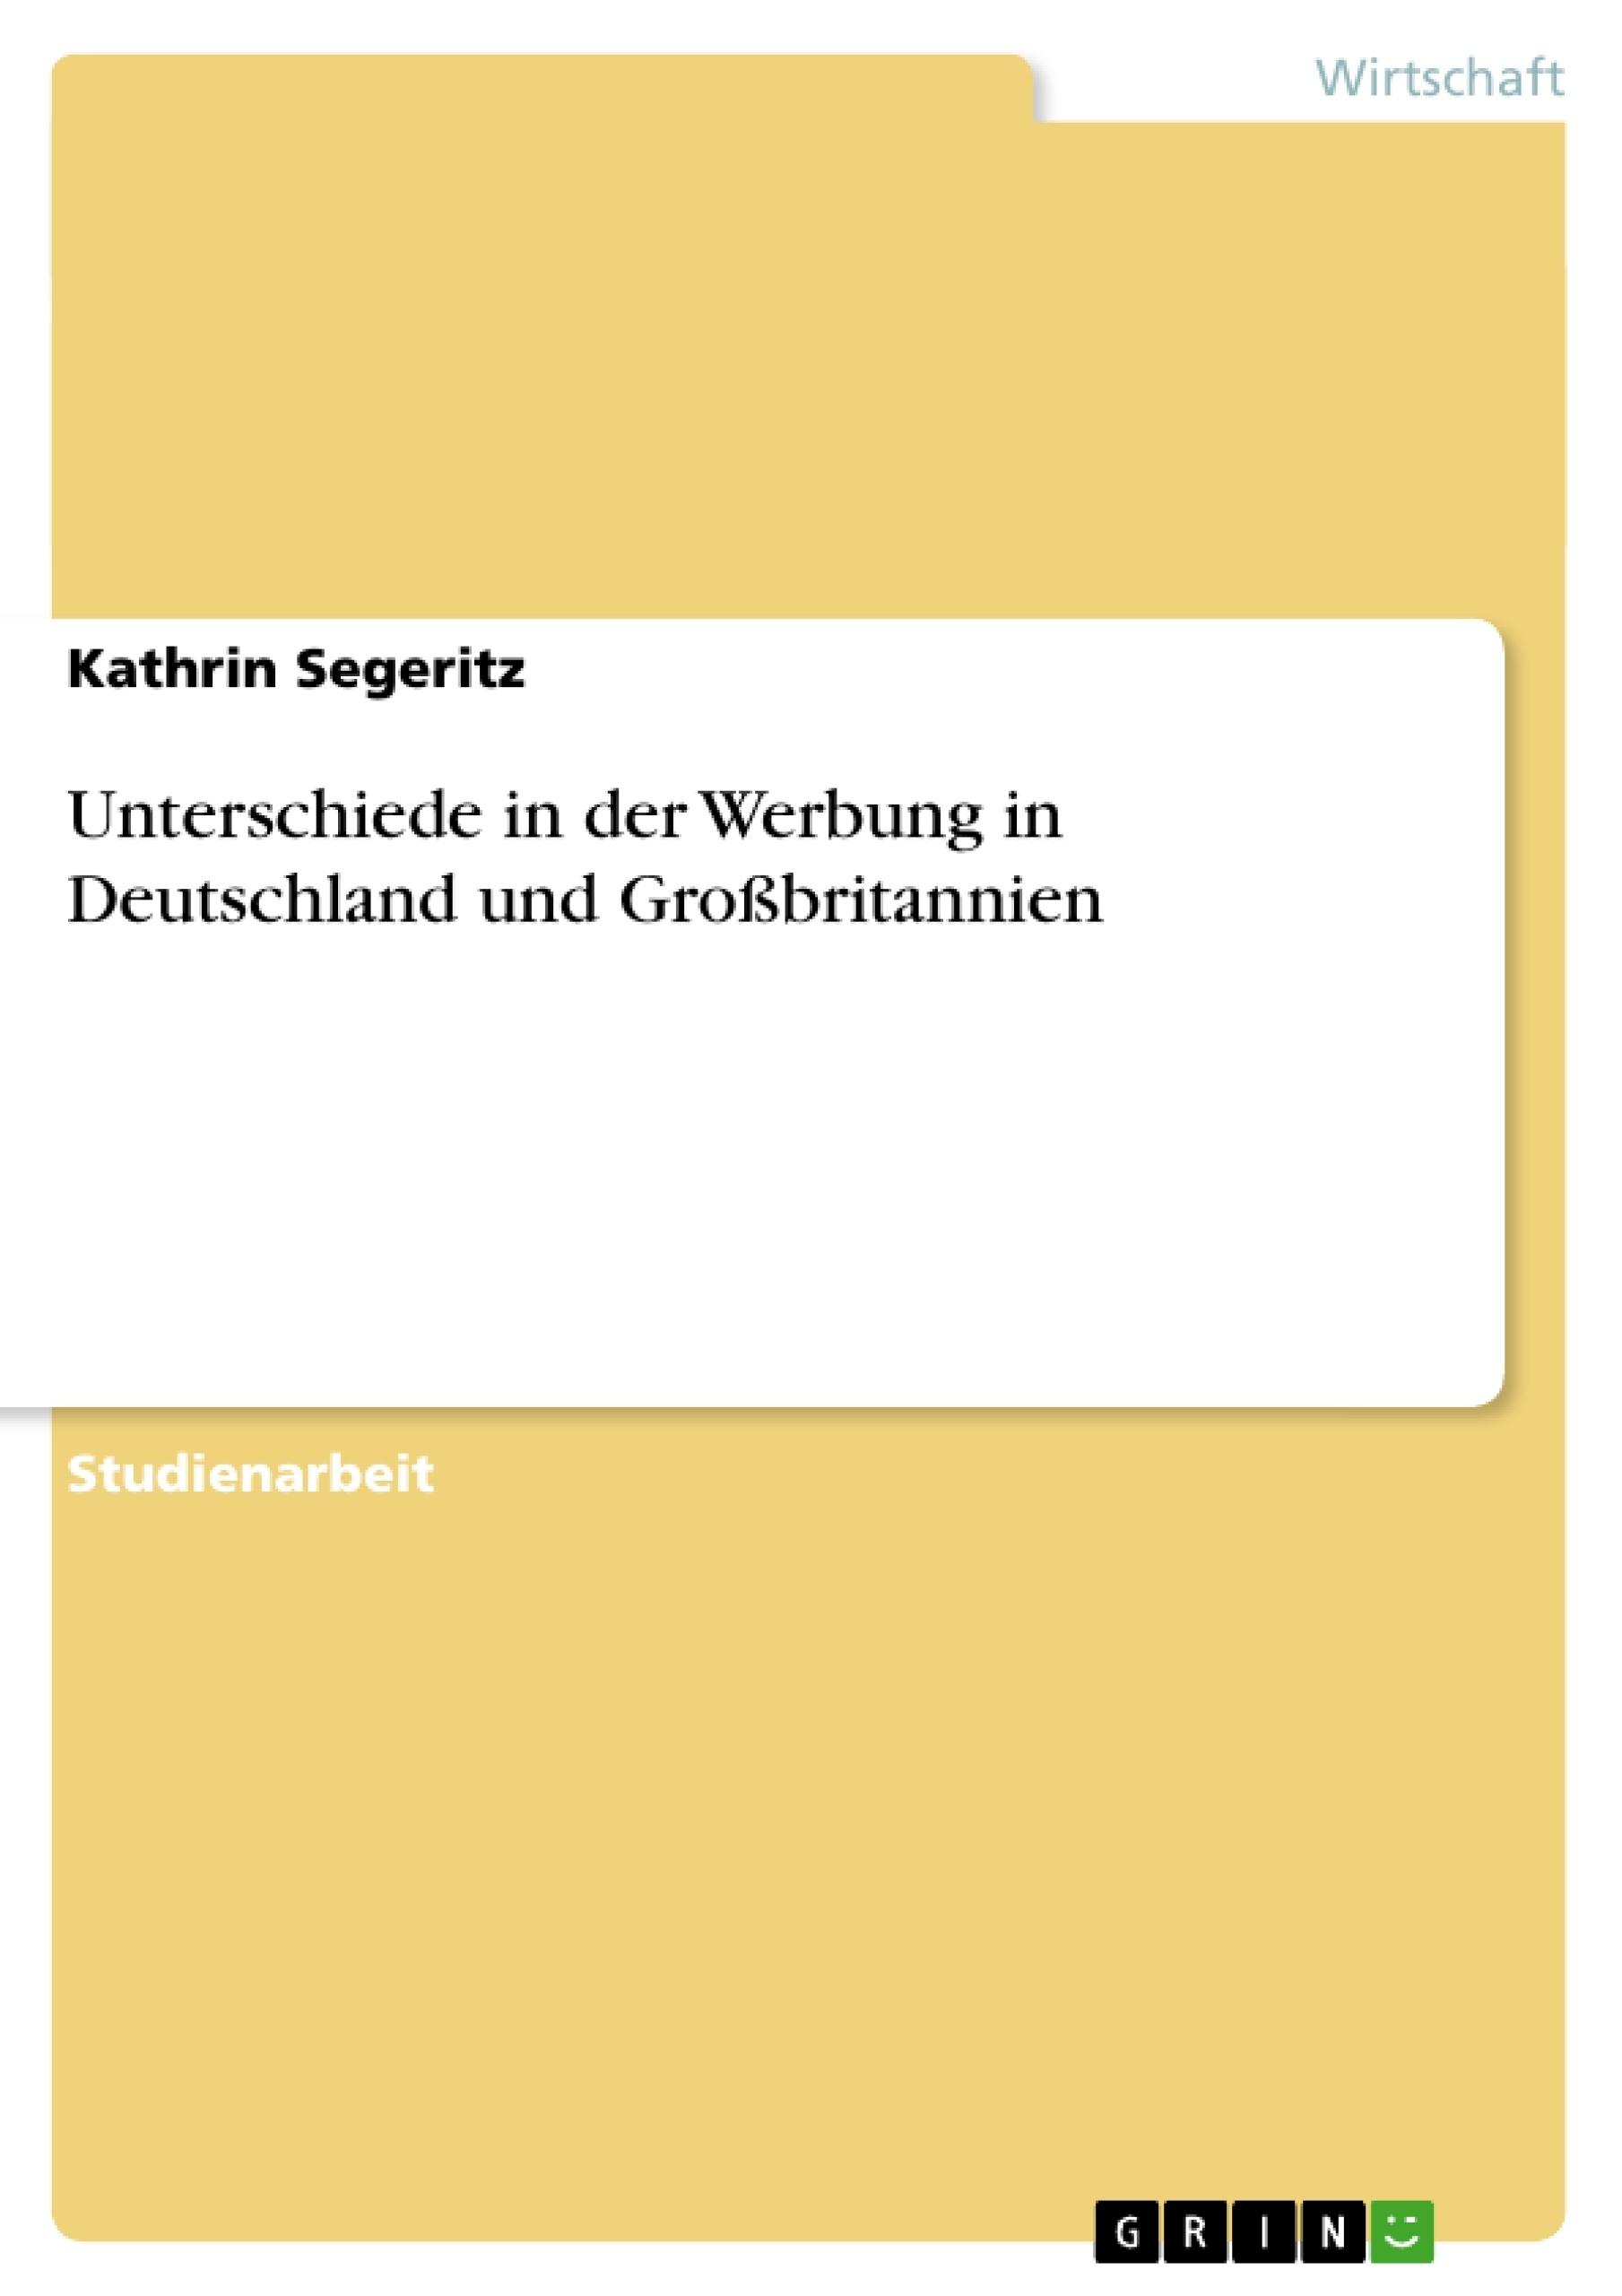 Titel: Unterschiede in der Werbung in Deutschland und Großbritannien